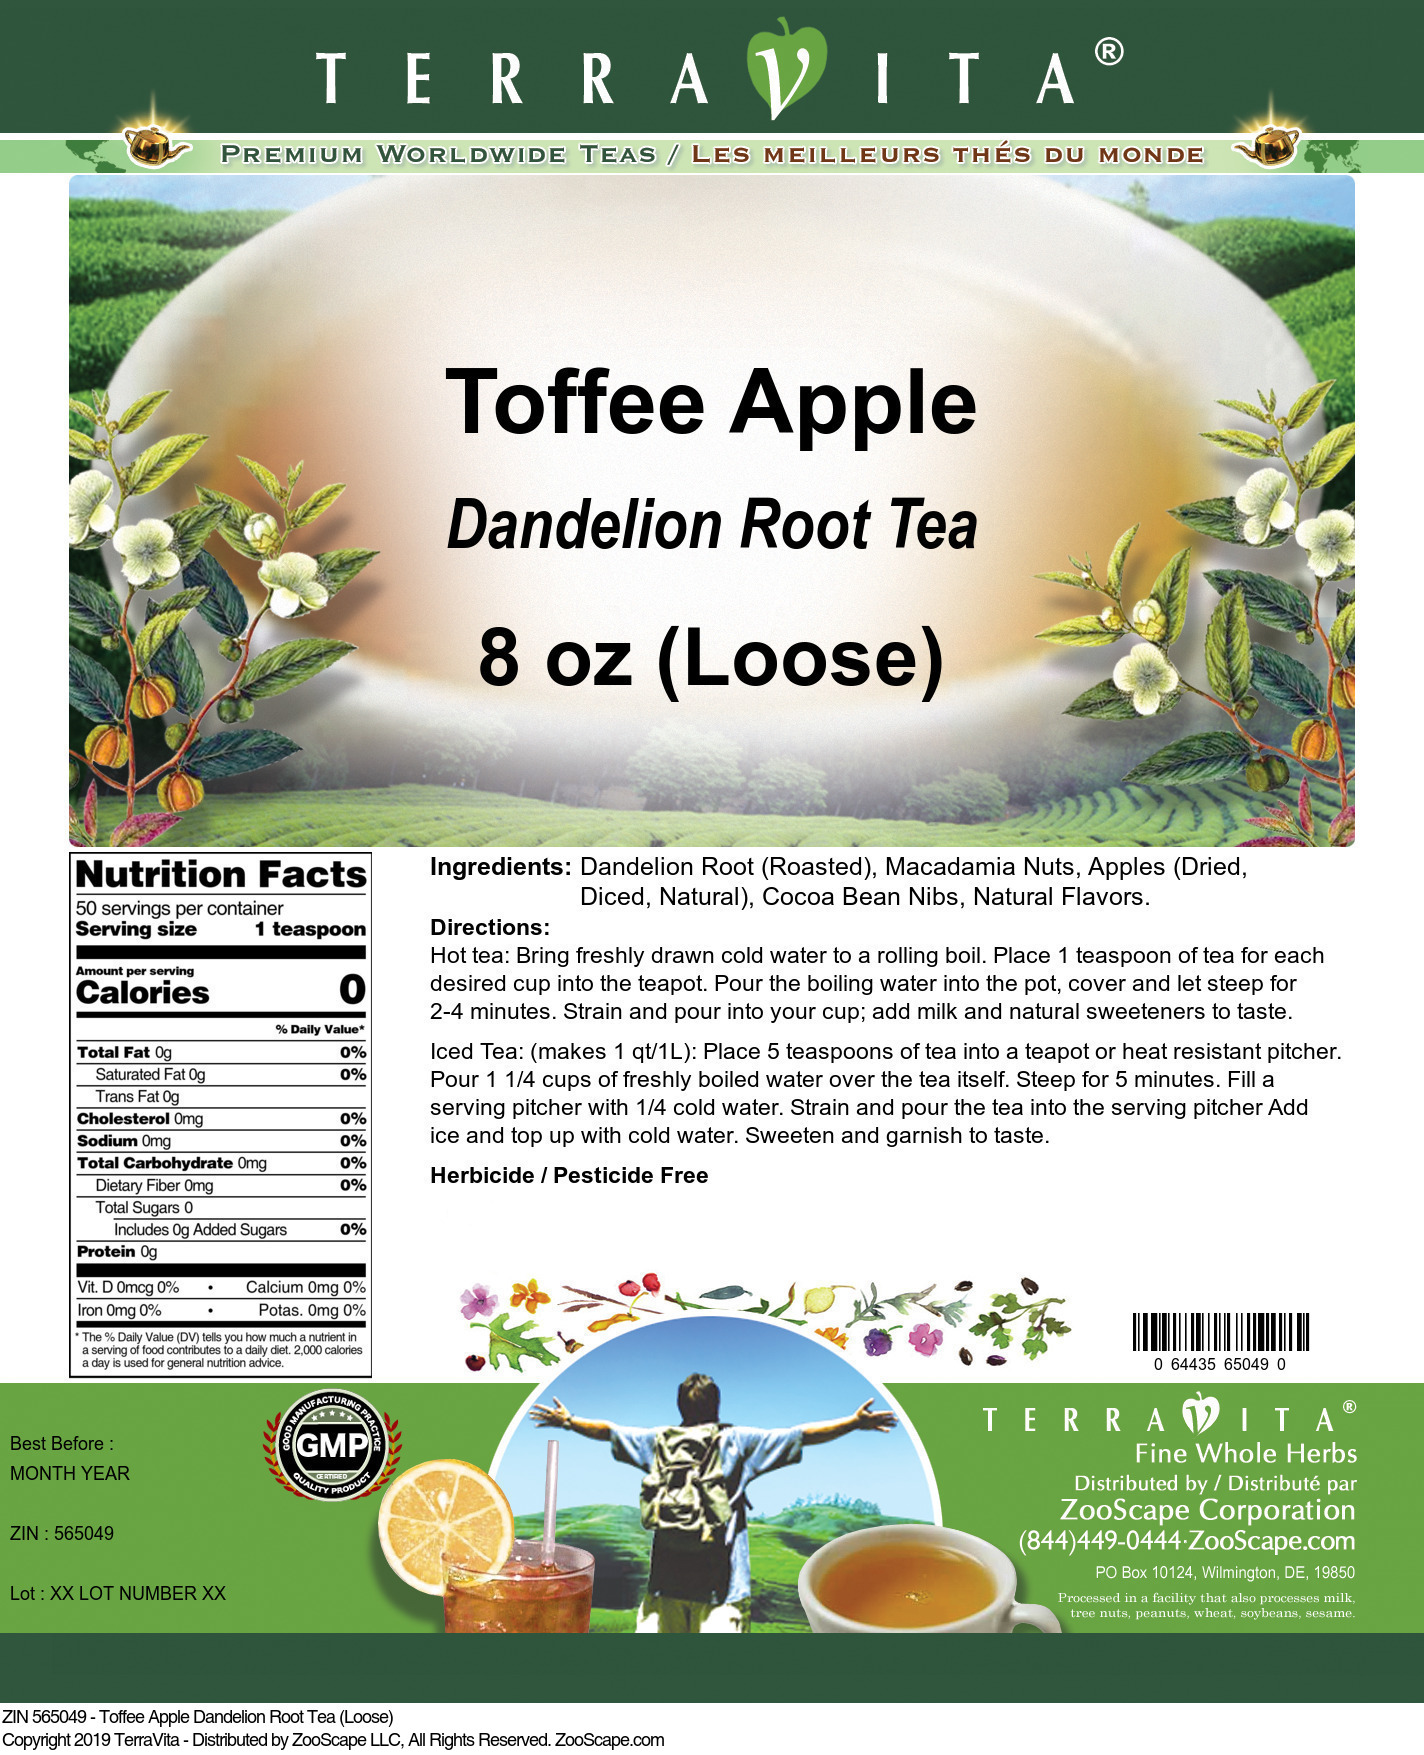 Toffee Apple Dandelion Root Tea (Loose)